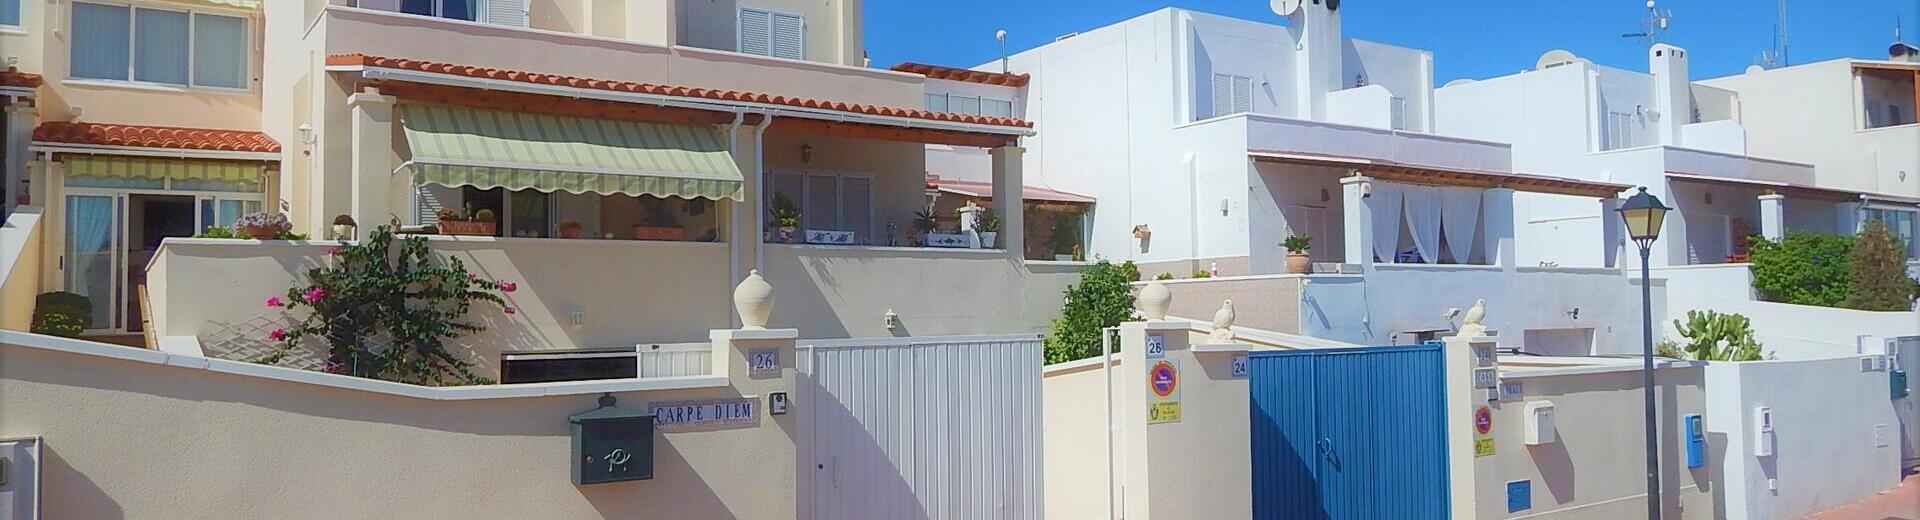 VIP7639: Villa for Sale